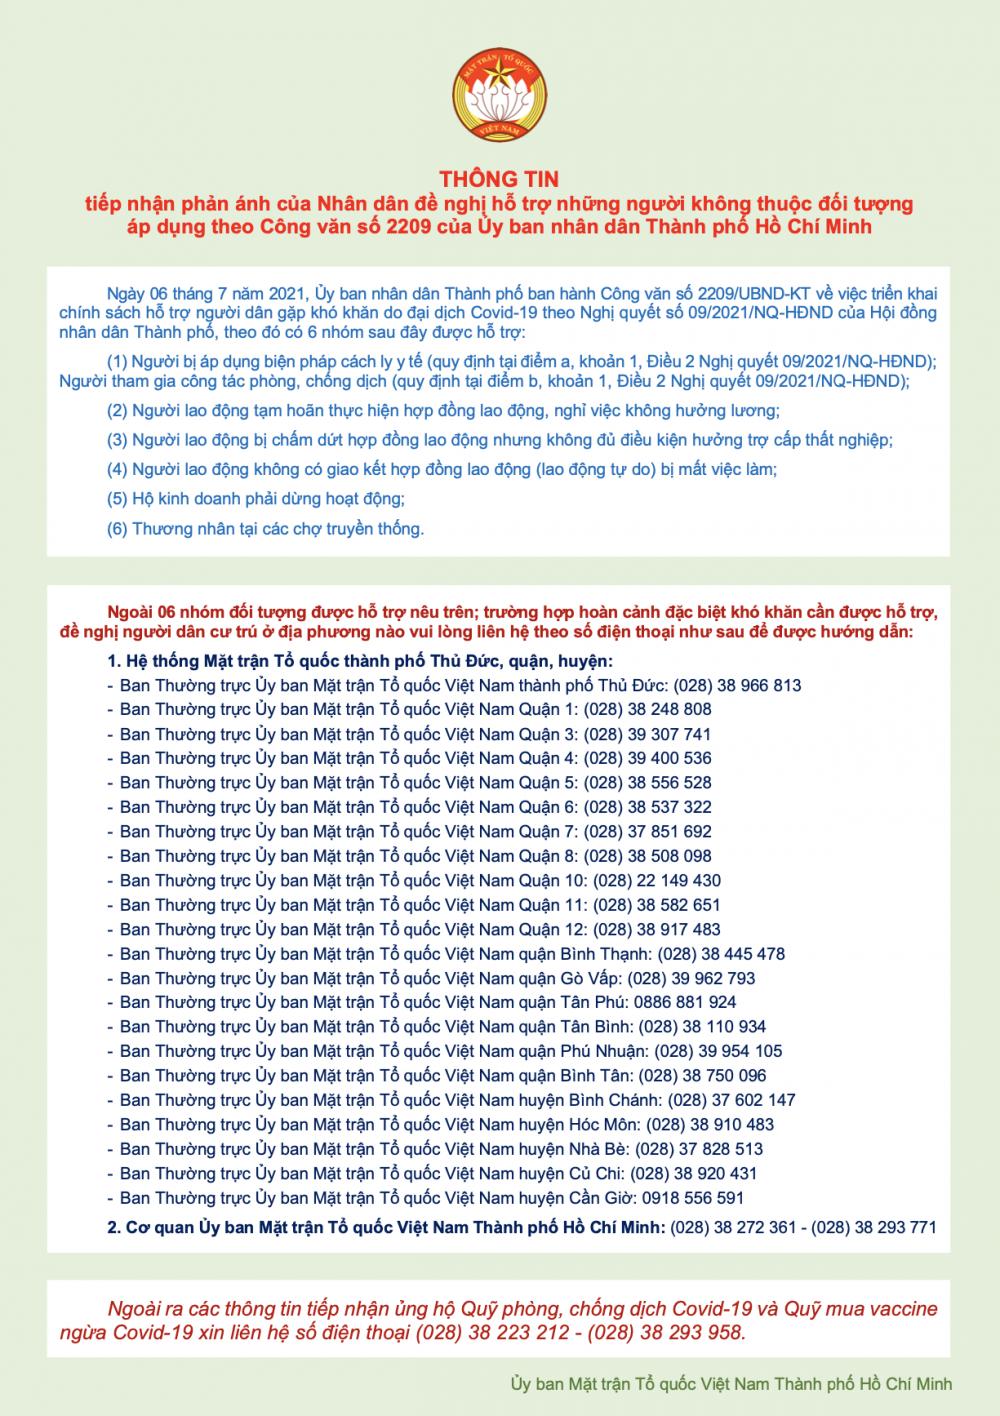 Hệ thống đường dây nóng của Ủy ban MTTQ Việt Nam TPHCM, Ủy ban MTTQ Việt Nam 21 quận, huyện và TP. Thủ Đức tiếp nhận và giải quyết các thông tin về hỗ trợ, chăm lo an sinh xã hội cho người dân trong giai đoạn cao điểm phòng, chống dịch COVID-19.